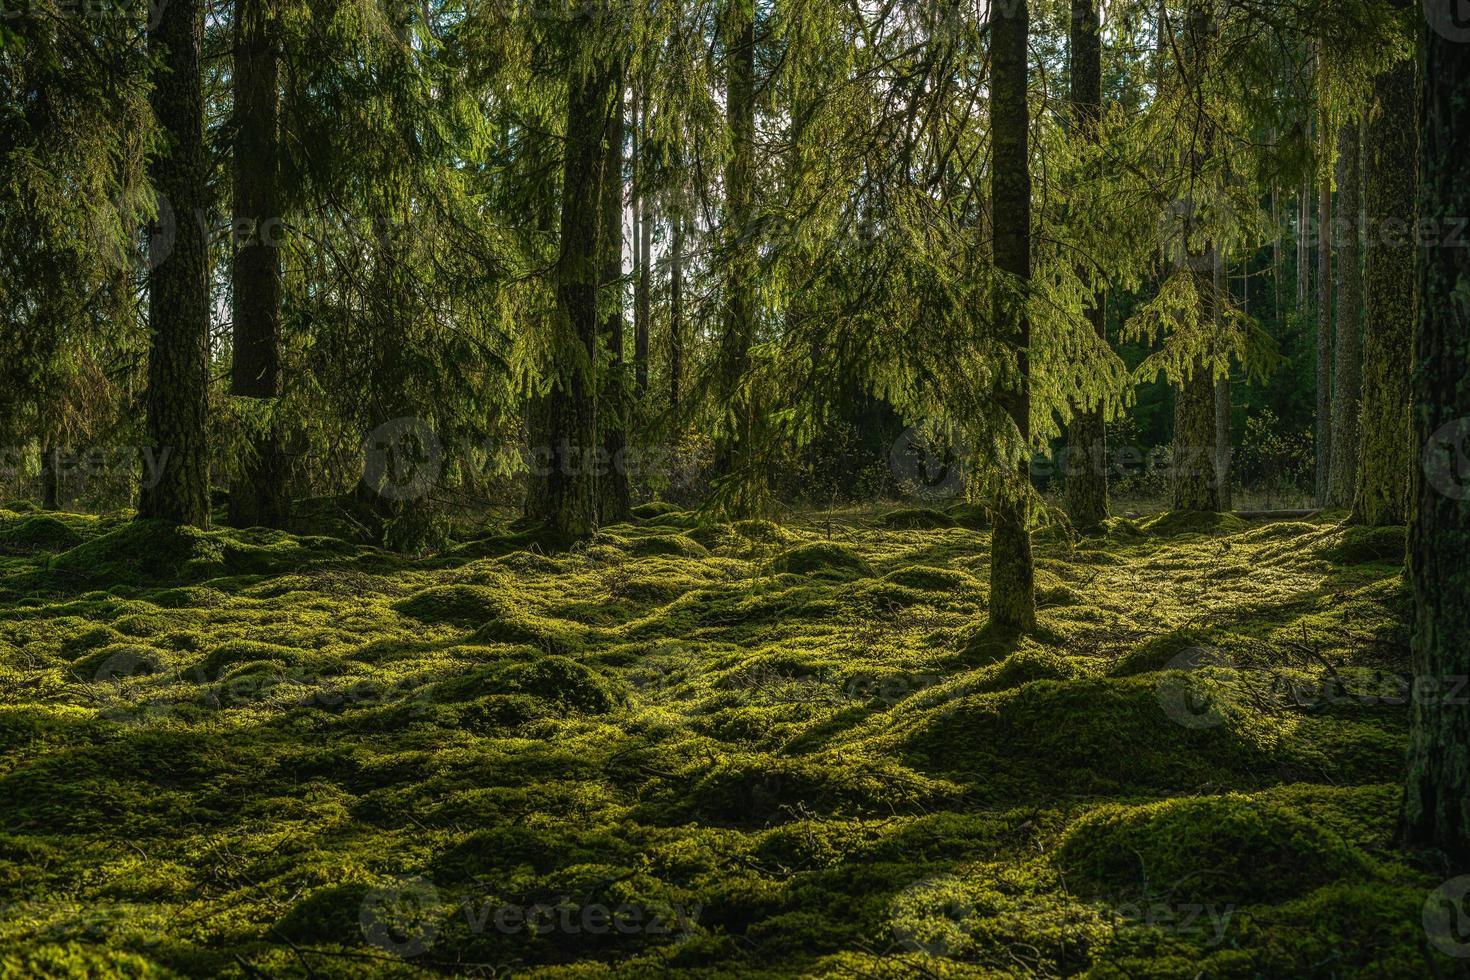 schöner grüner Tannenwald im Sonnenlicht foto